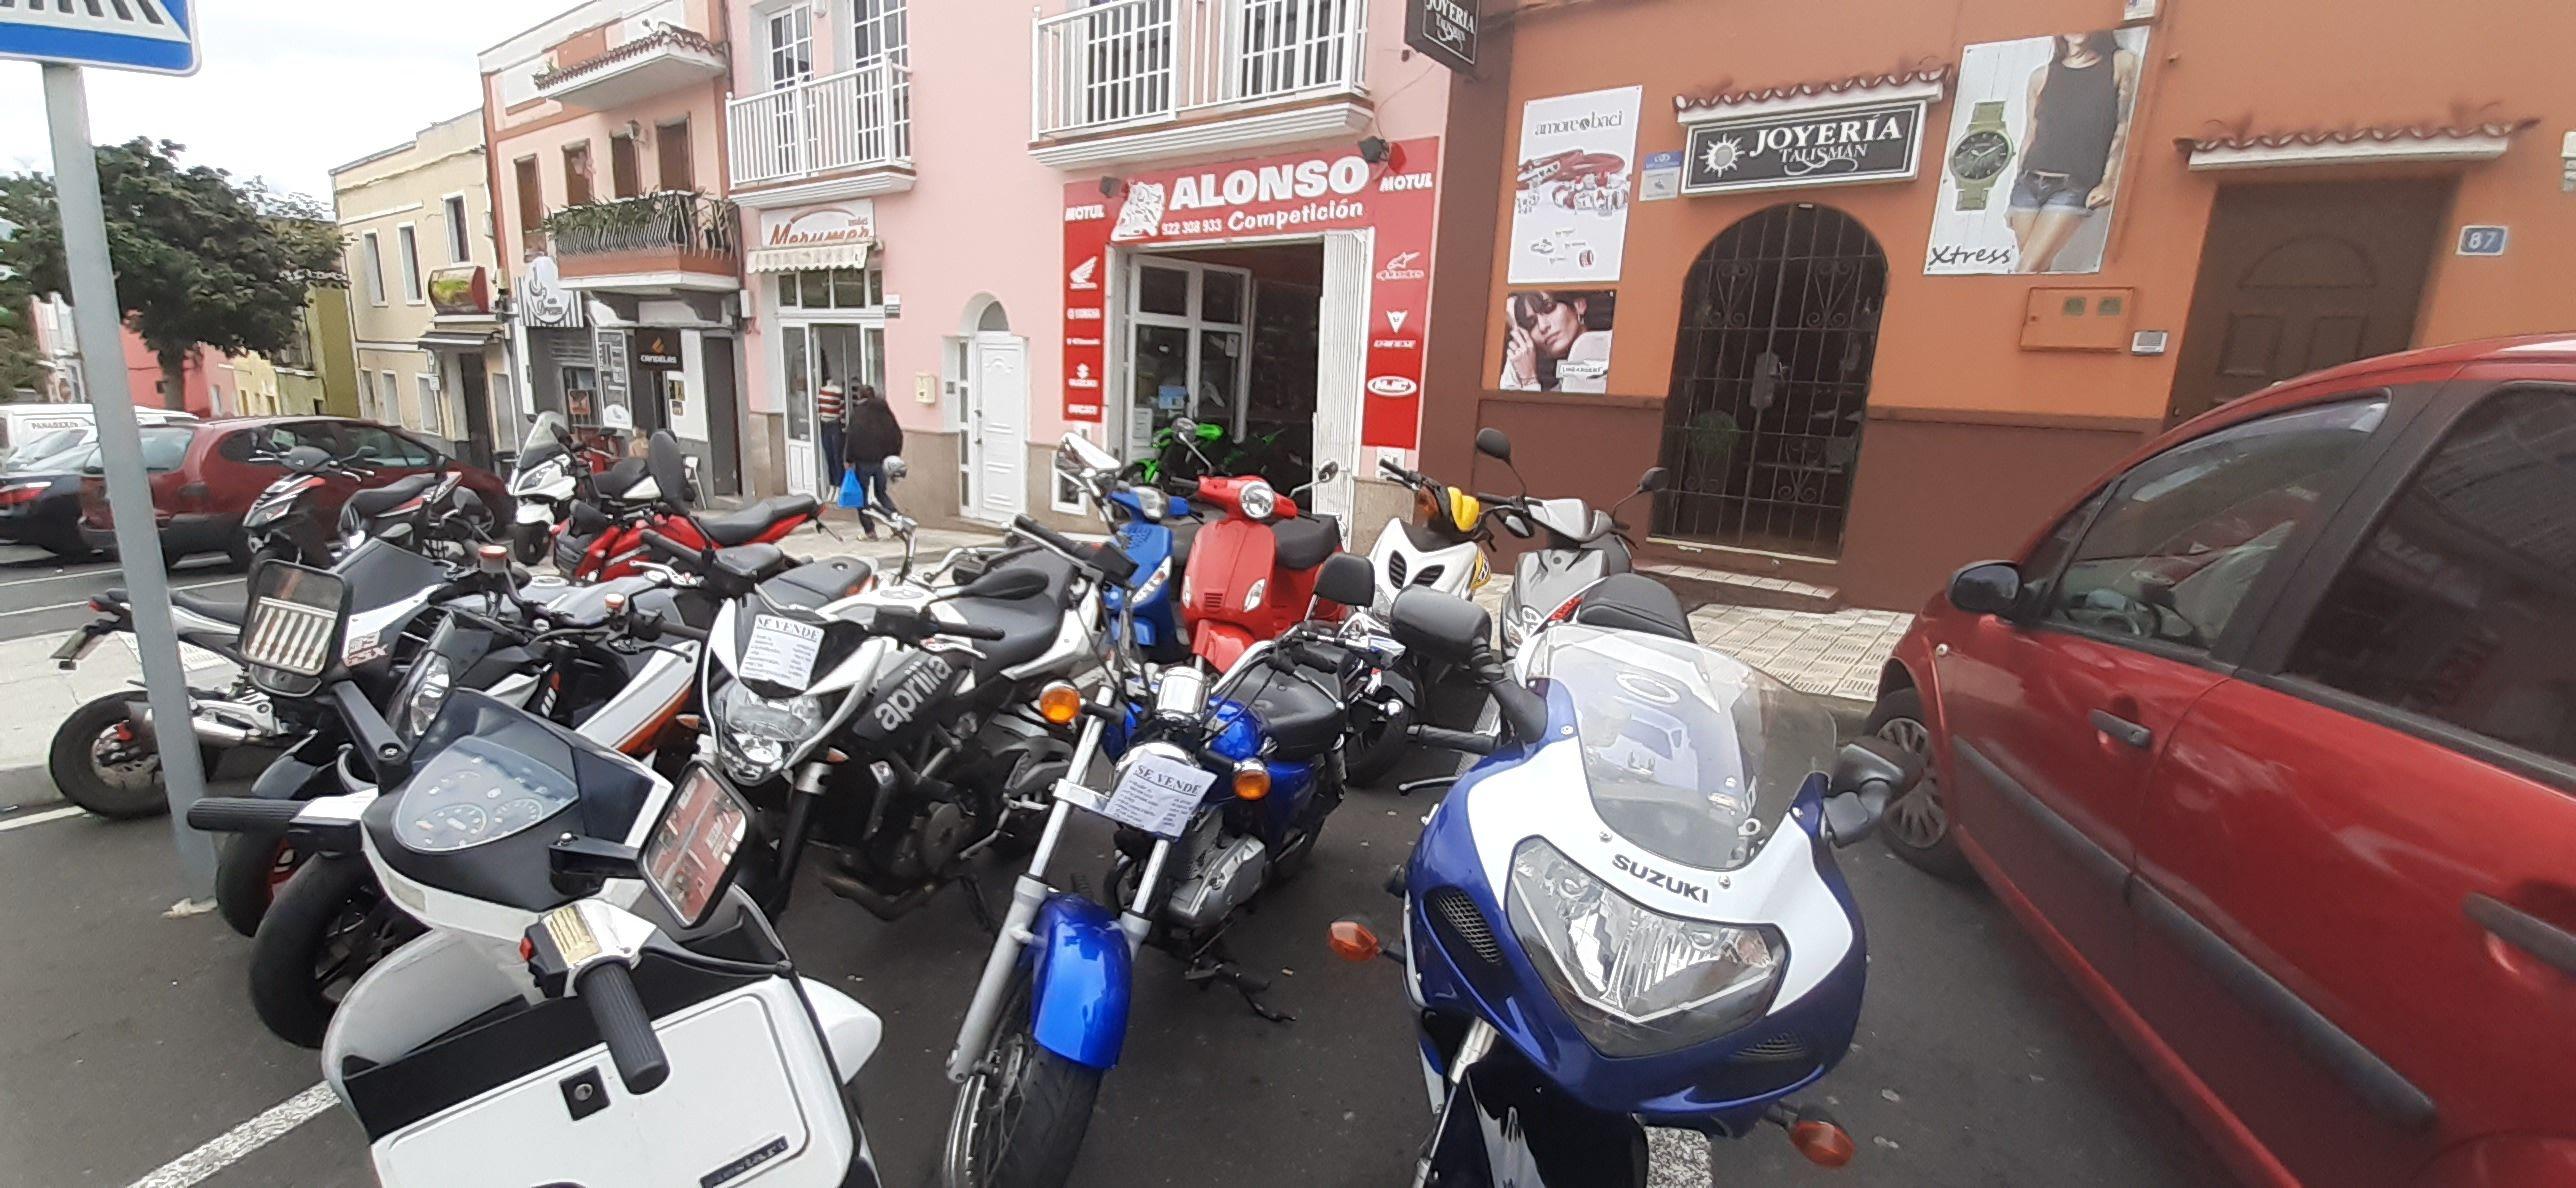 Foto 5 de Motos en La Orotava | Alonso Competición